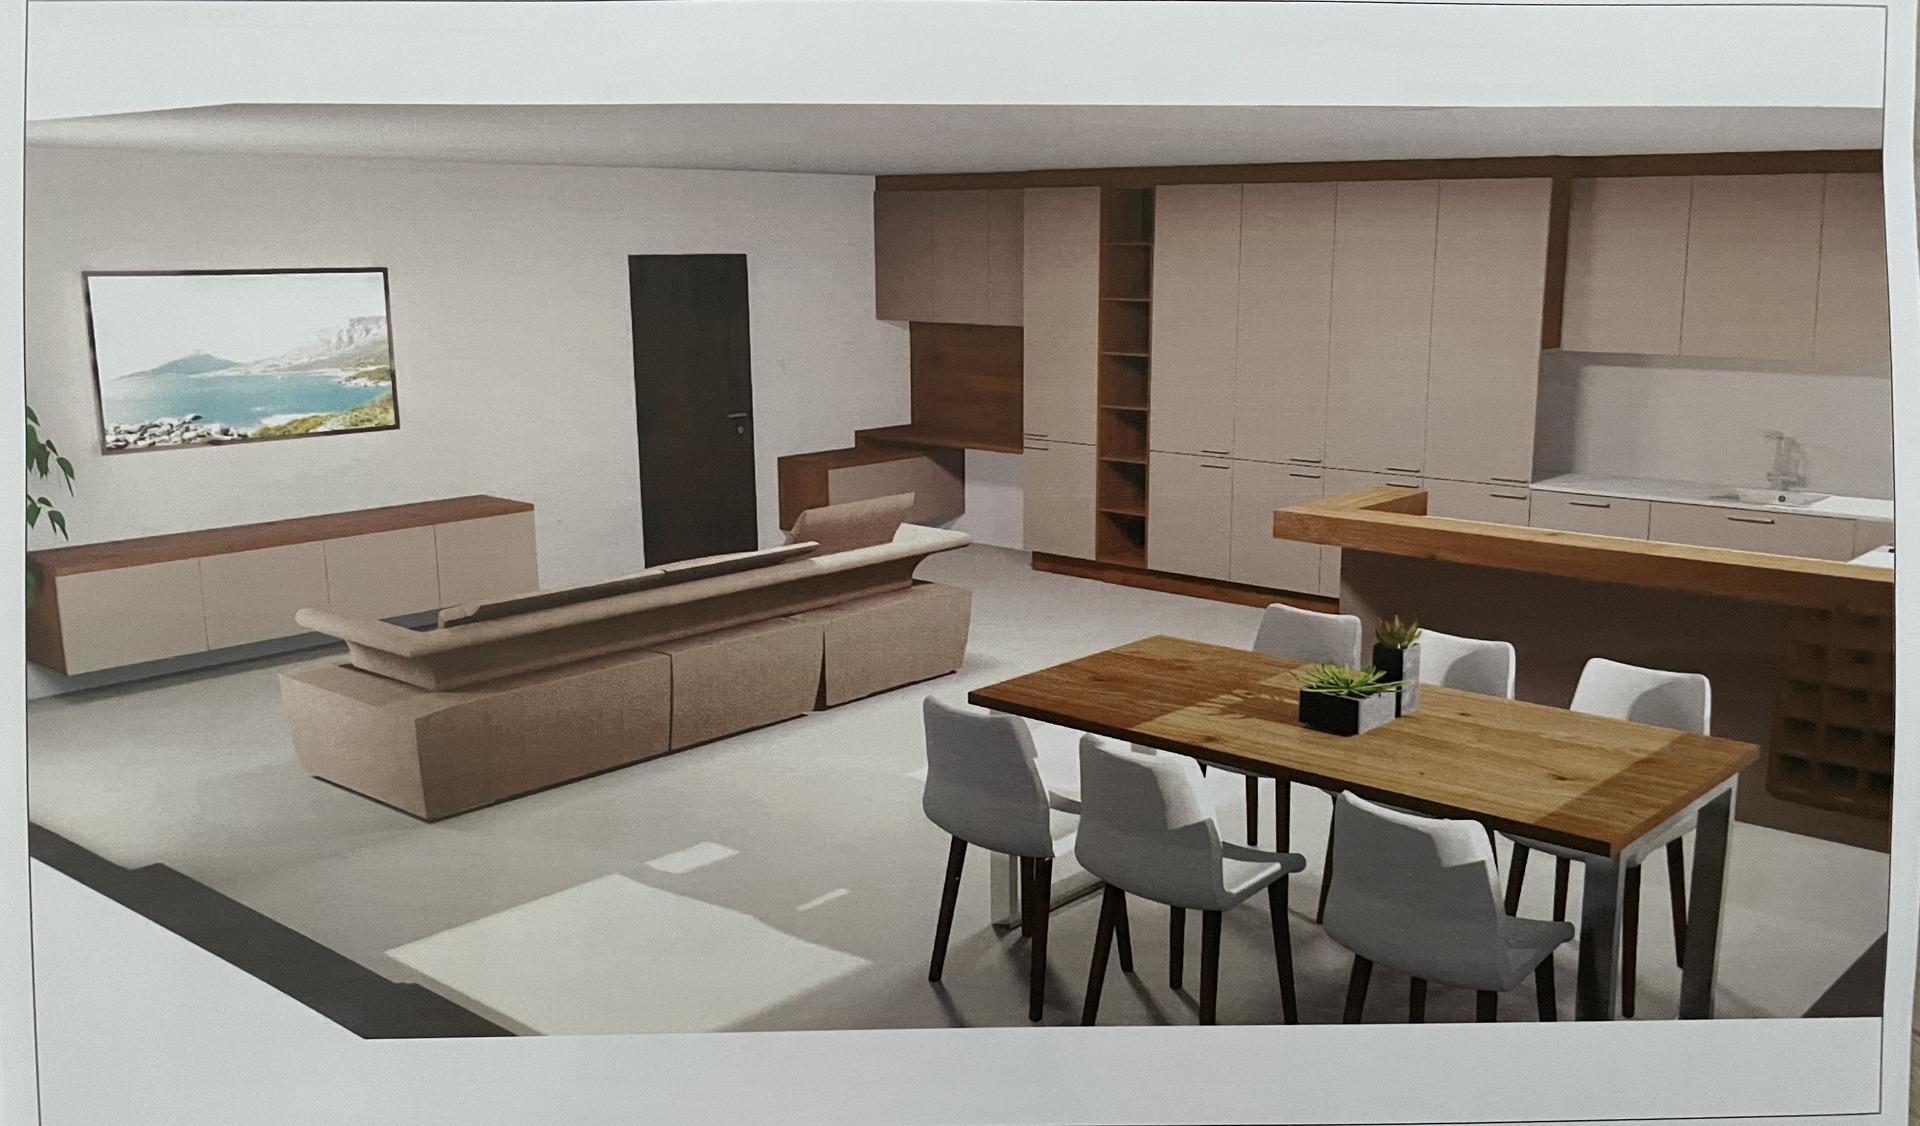 Naše nové doma - Obrázek č. 59